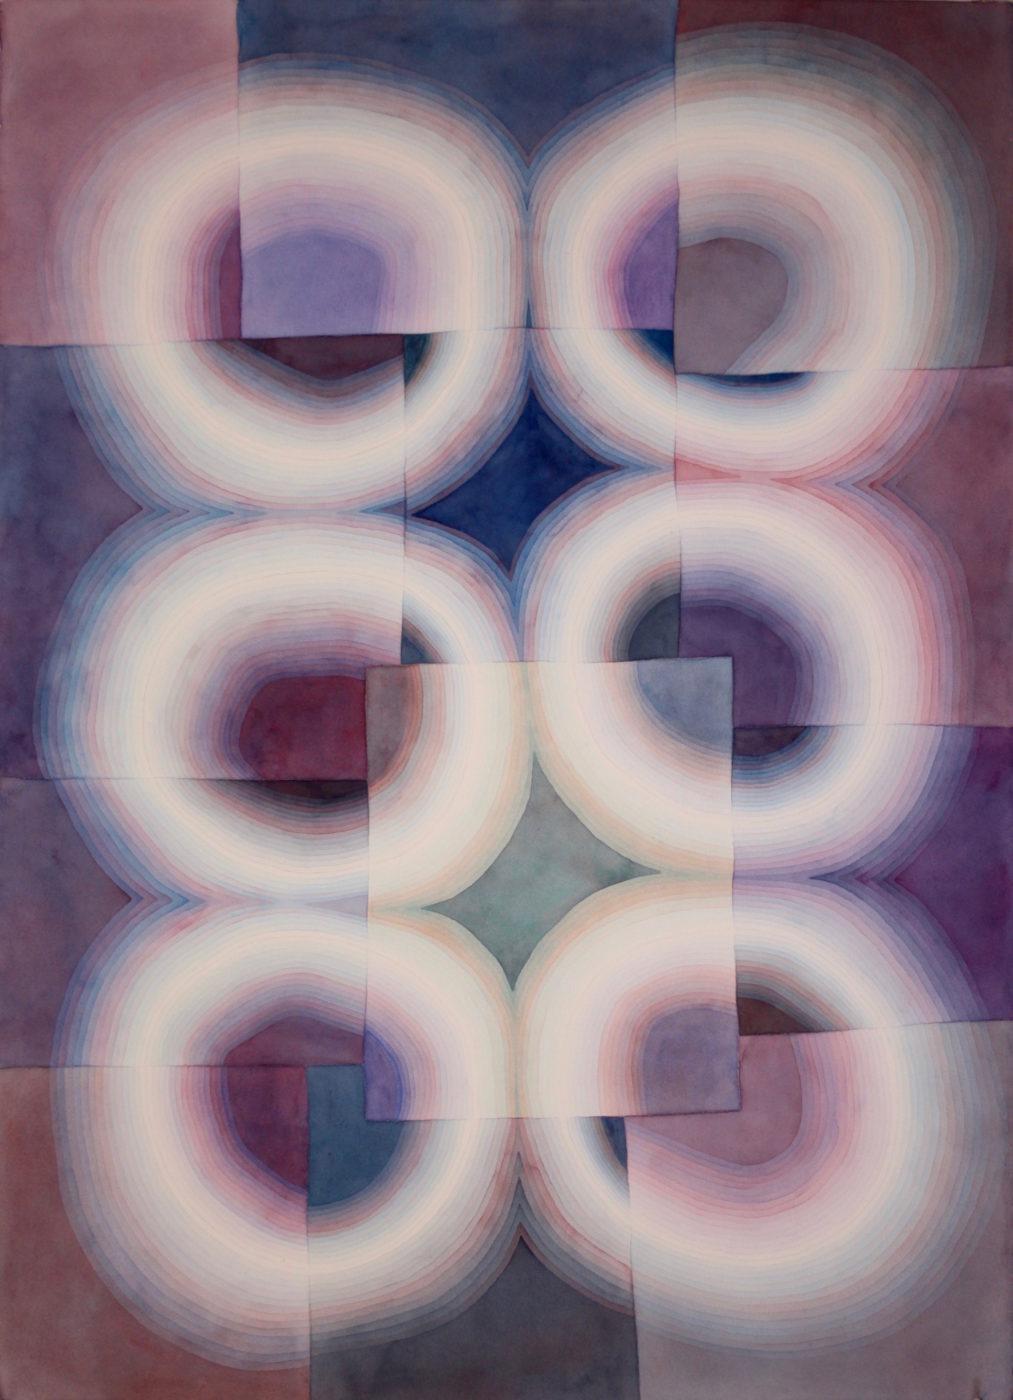 Light Rings Violet